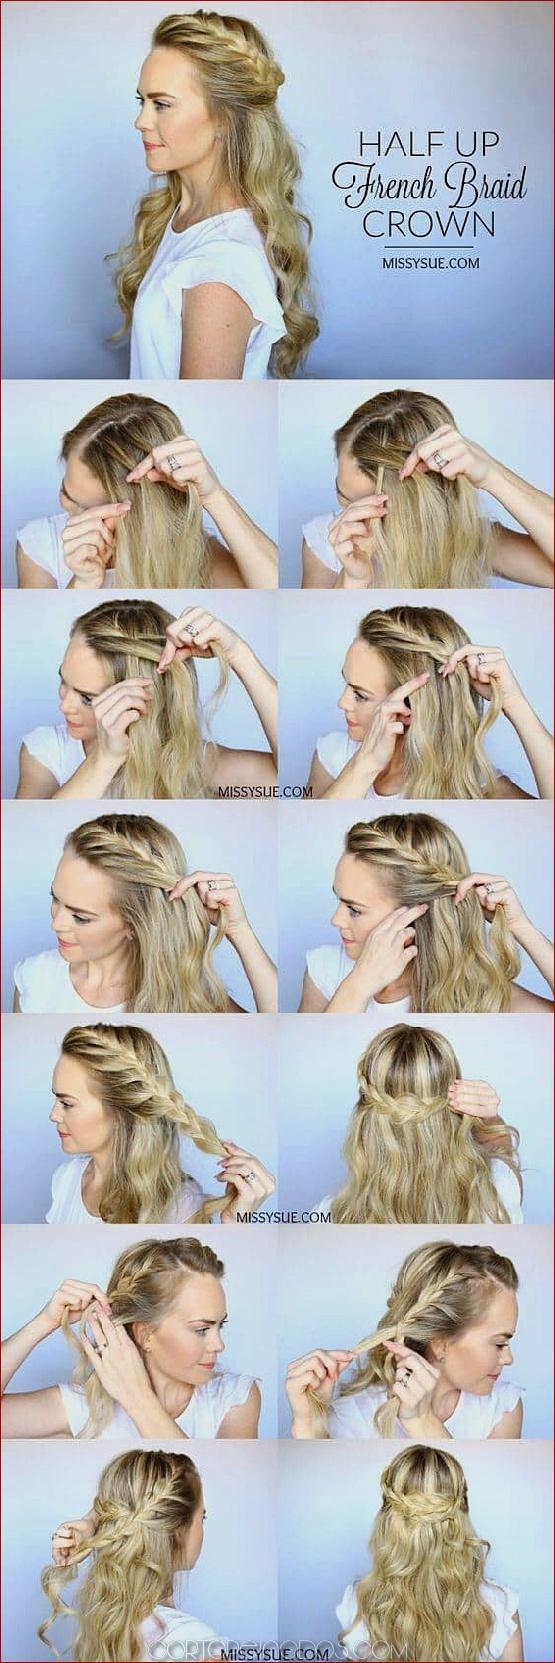 27 magníficamente preciosos peinados a media altura